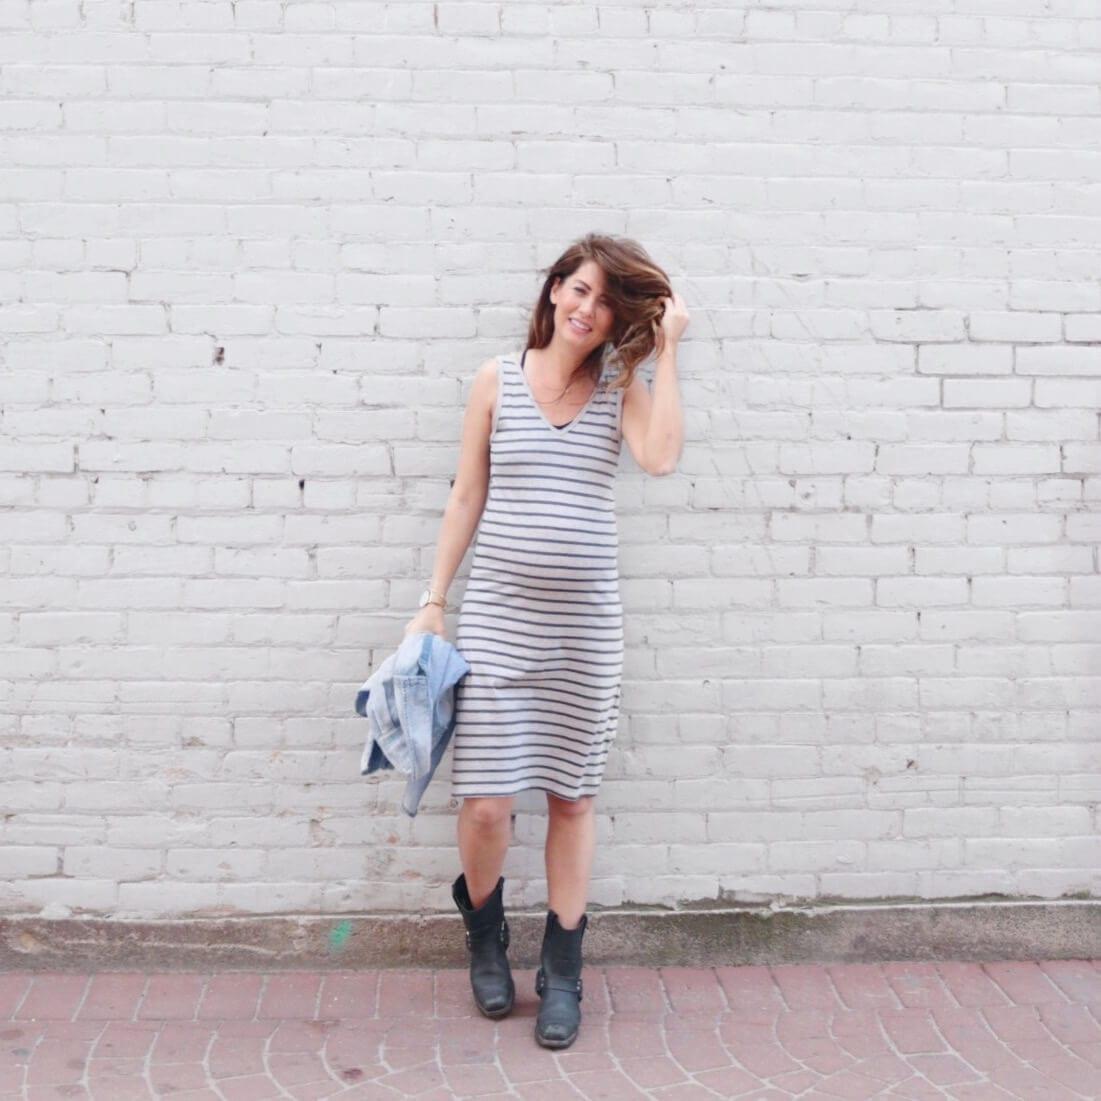 jillian harris in striped joe fresh dress and frye boots